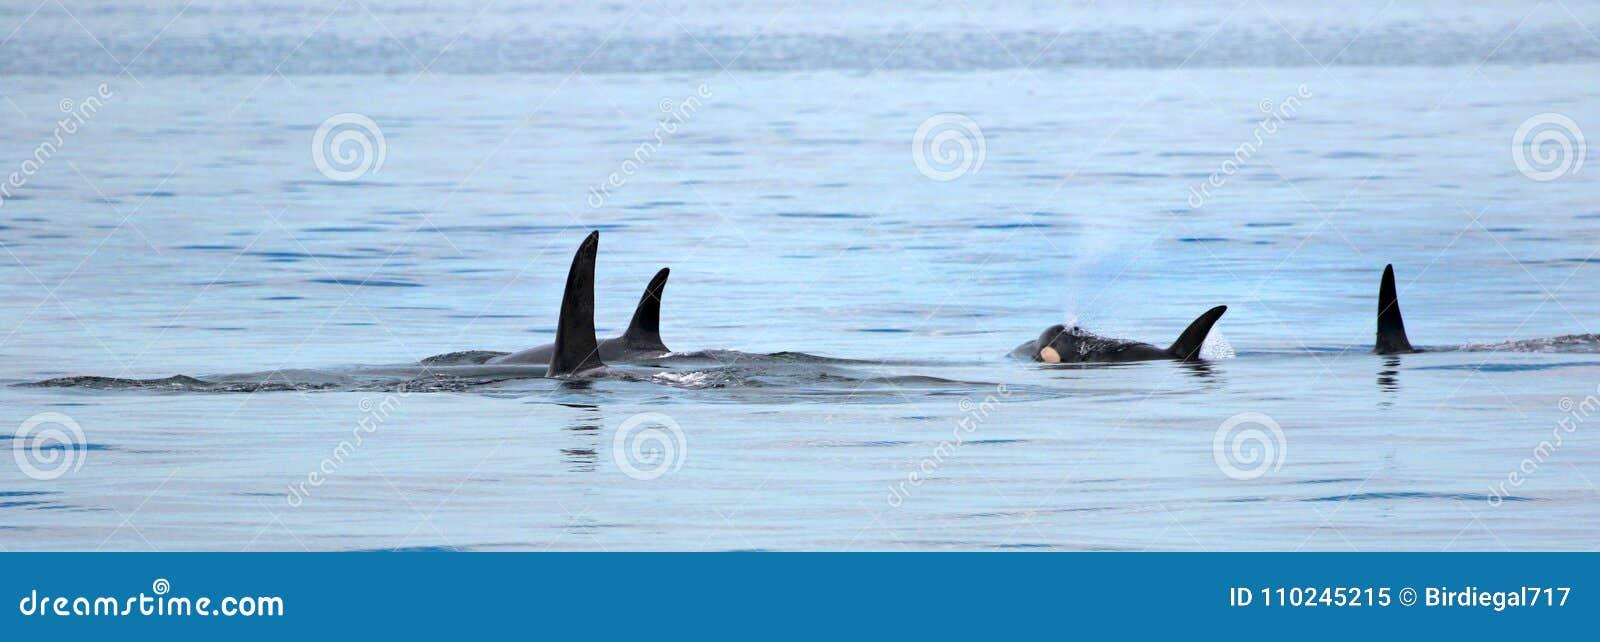 Стручок заплывания дельфин-касатки косатки, Виктория, Канада